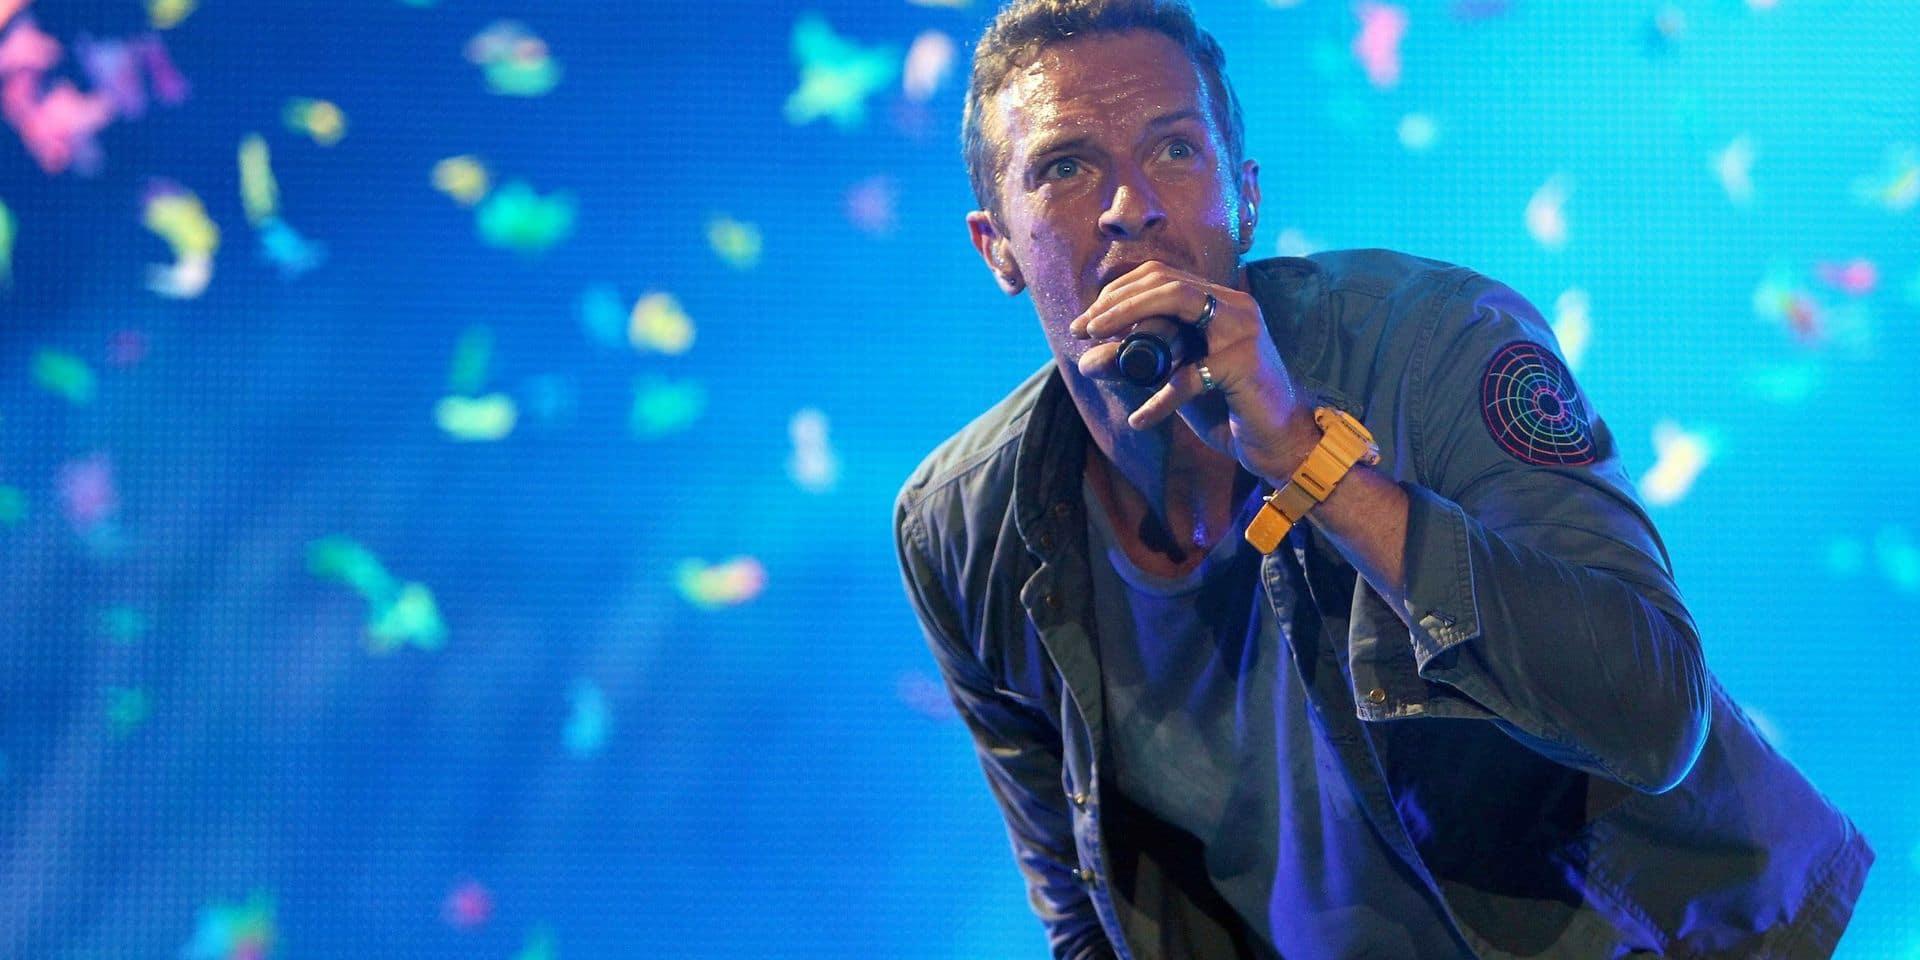 Deux concerts exclusifs de Coldplay retransmis sur Youtube